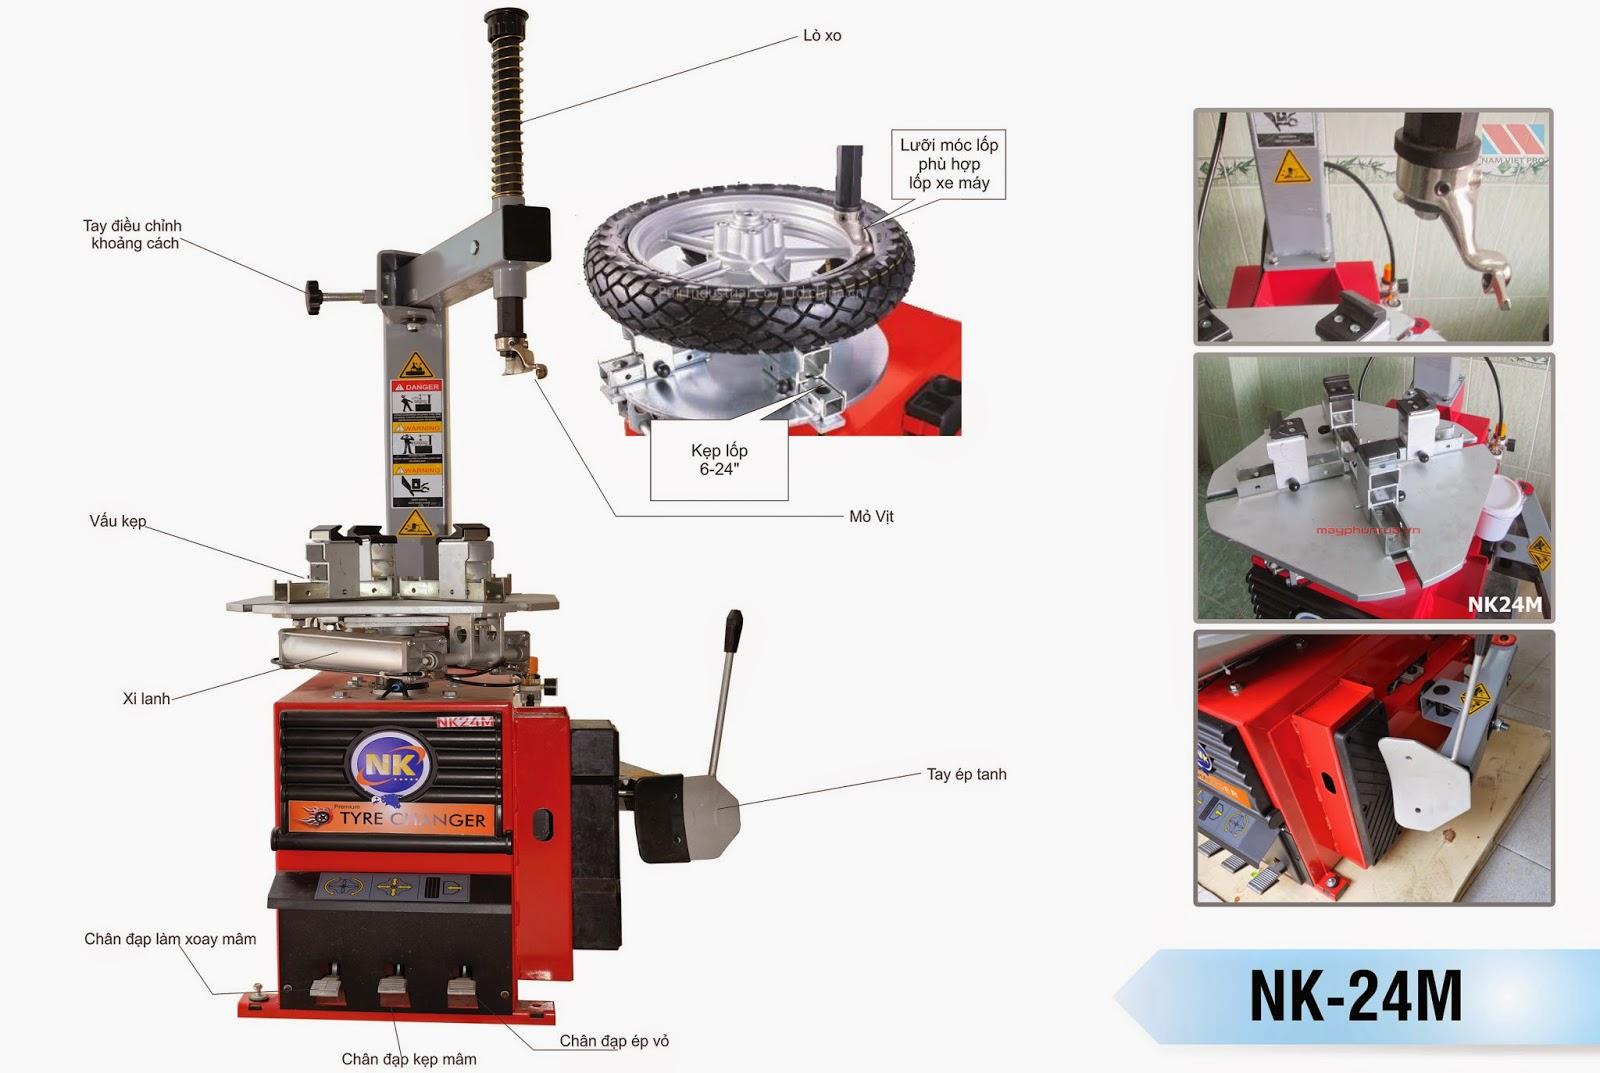 Máy tháo vỏ chuyên dùng xe tay ga NK - NK24M có độ bền cao, tính năng hiệu quả và đa dạng dòng sản phẩm, máy tháo vỏ NK là thương hiệu đạt tiêu chuẩn châu âu.